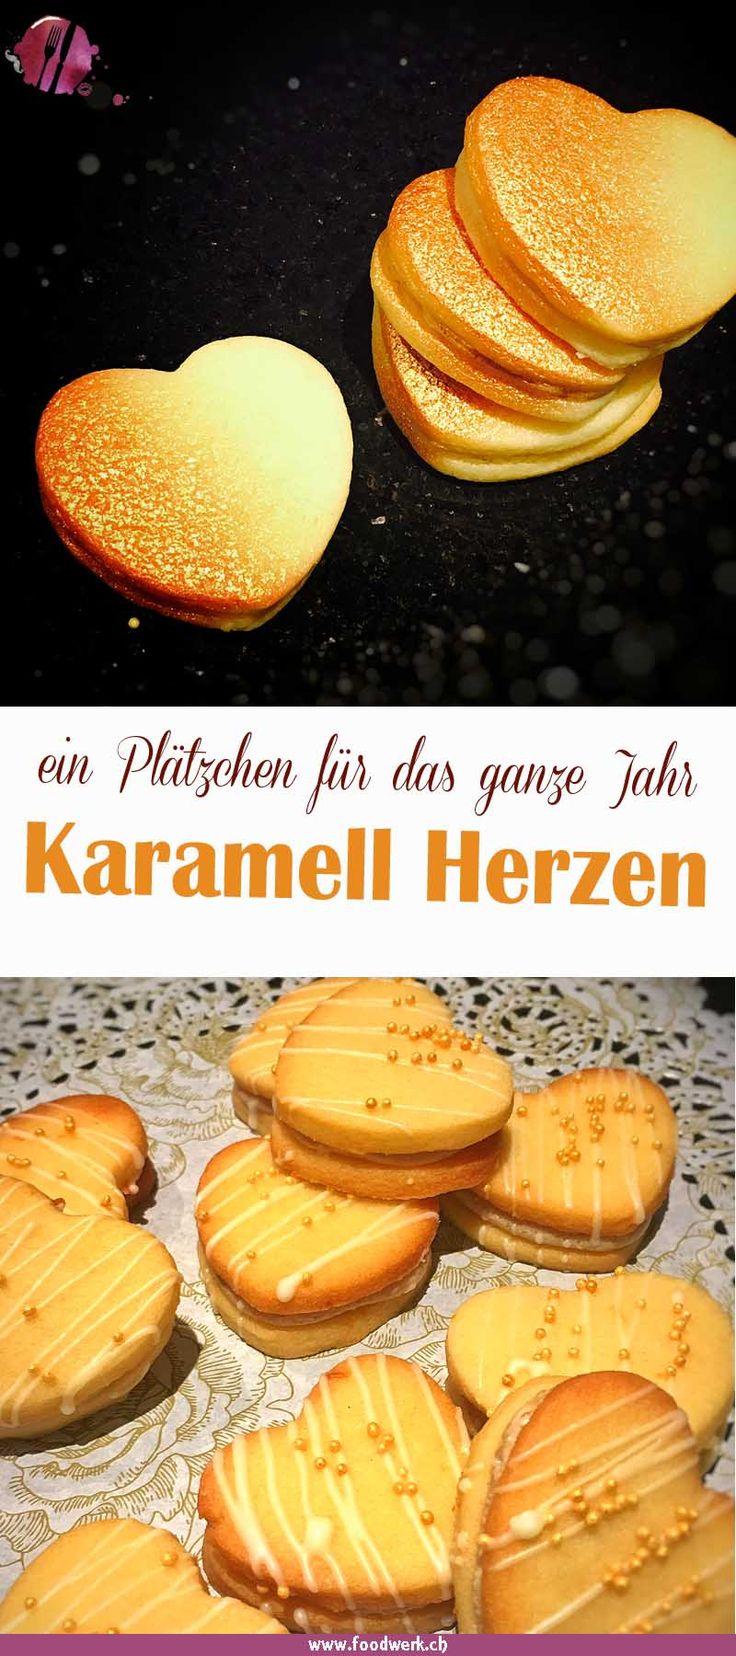 Karamell-Herzen – Karin Eden